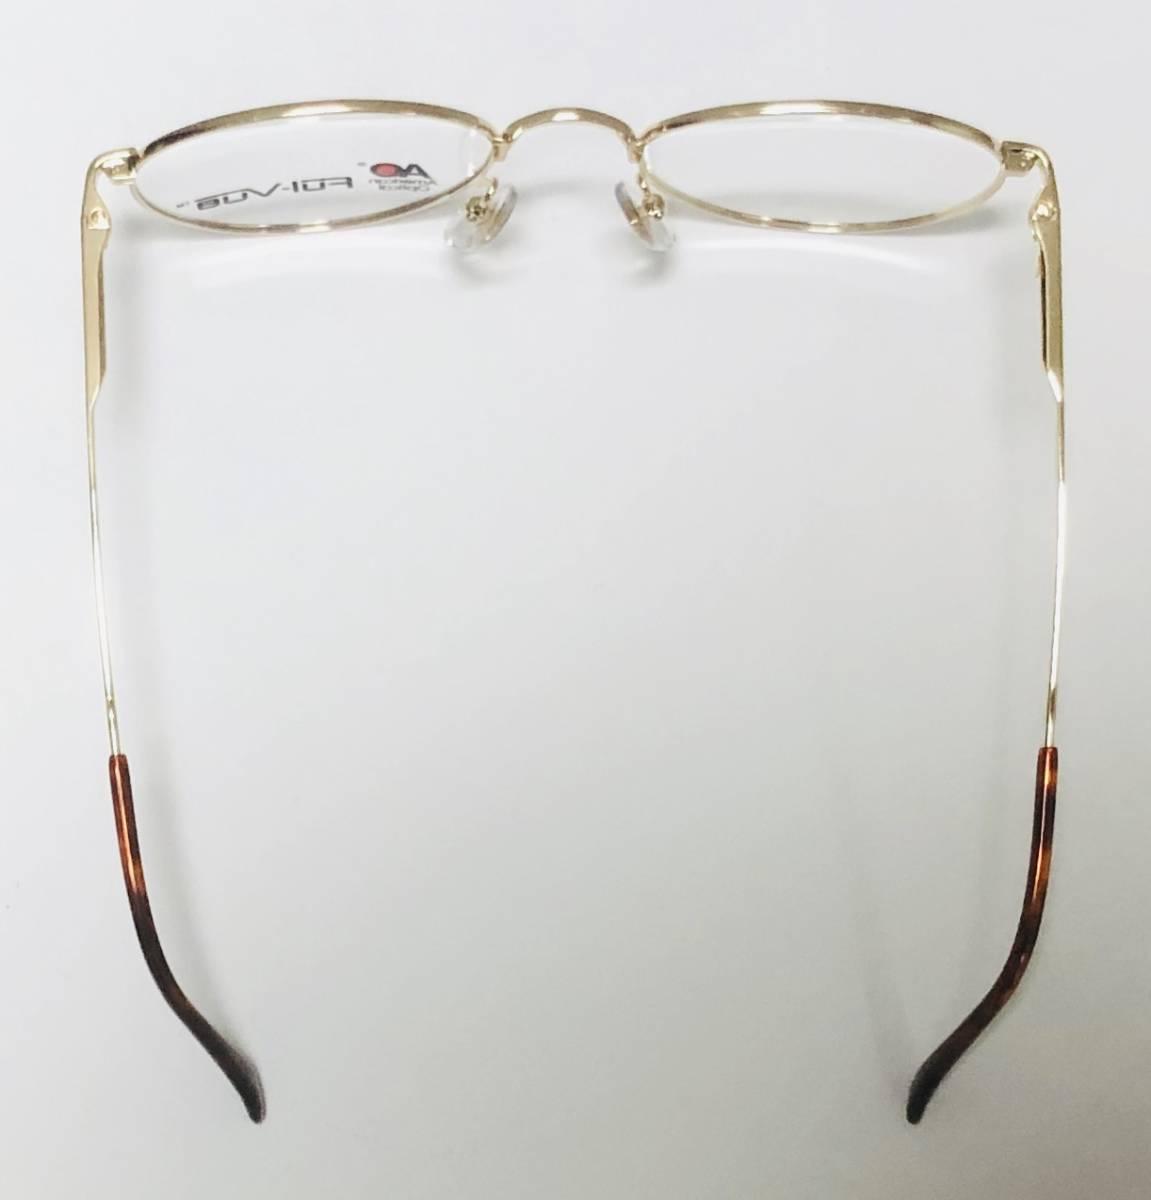 新品箱付】 20K金 アメリカンオプティカル 80年代 AO American Optical メガネ 米国ブランド_画像9